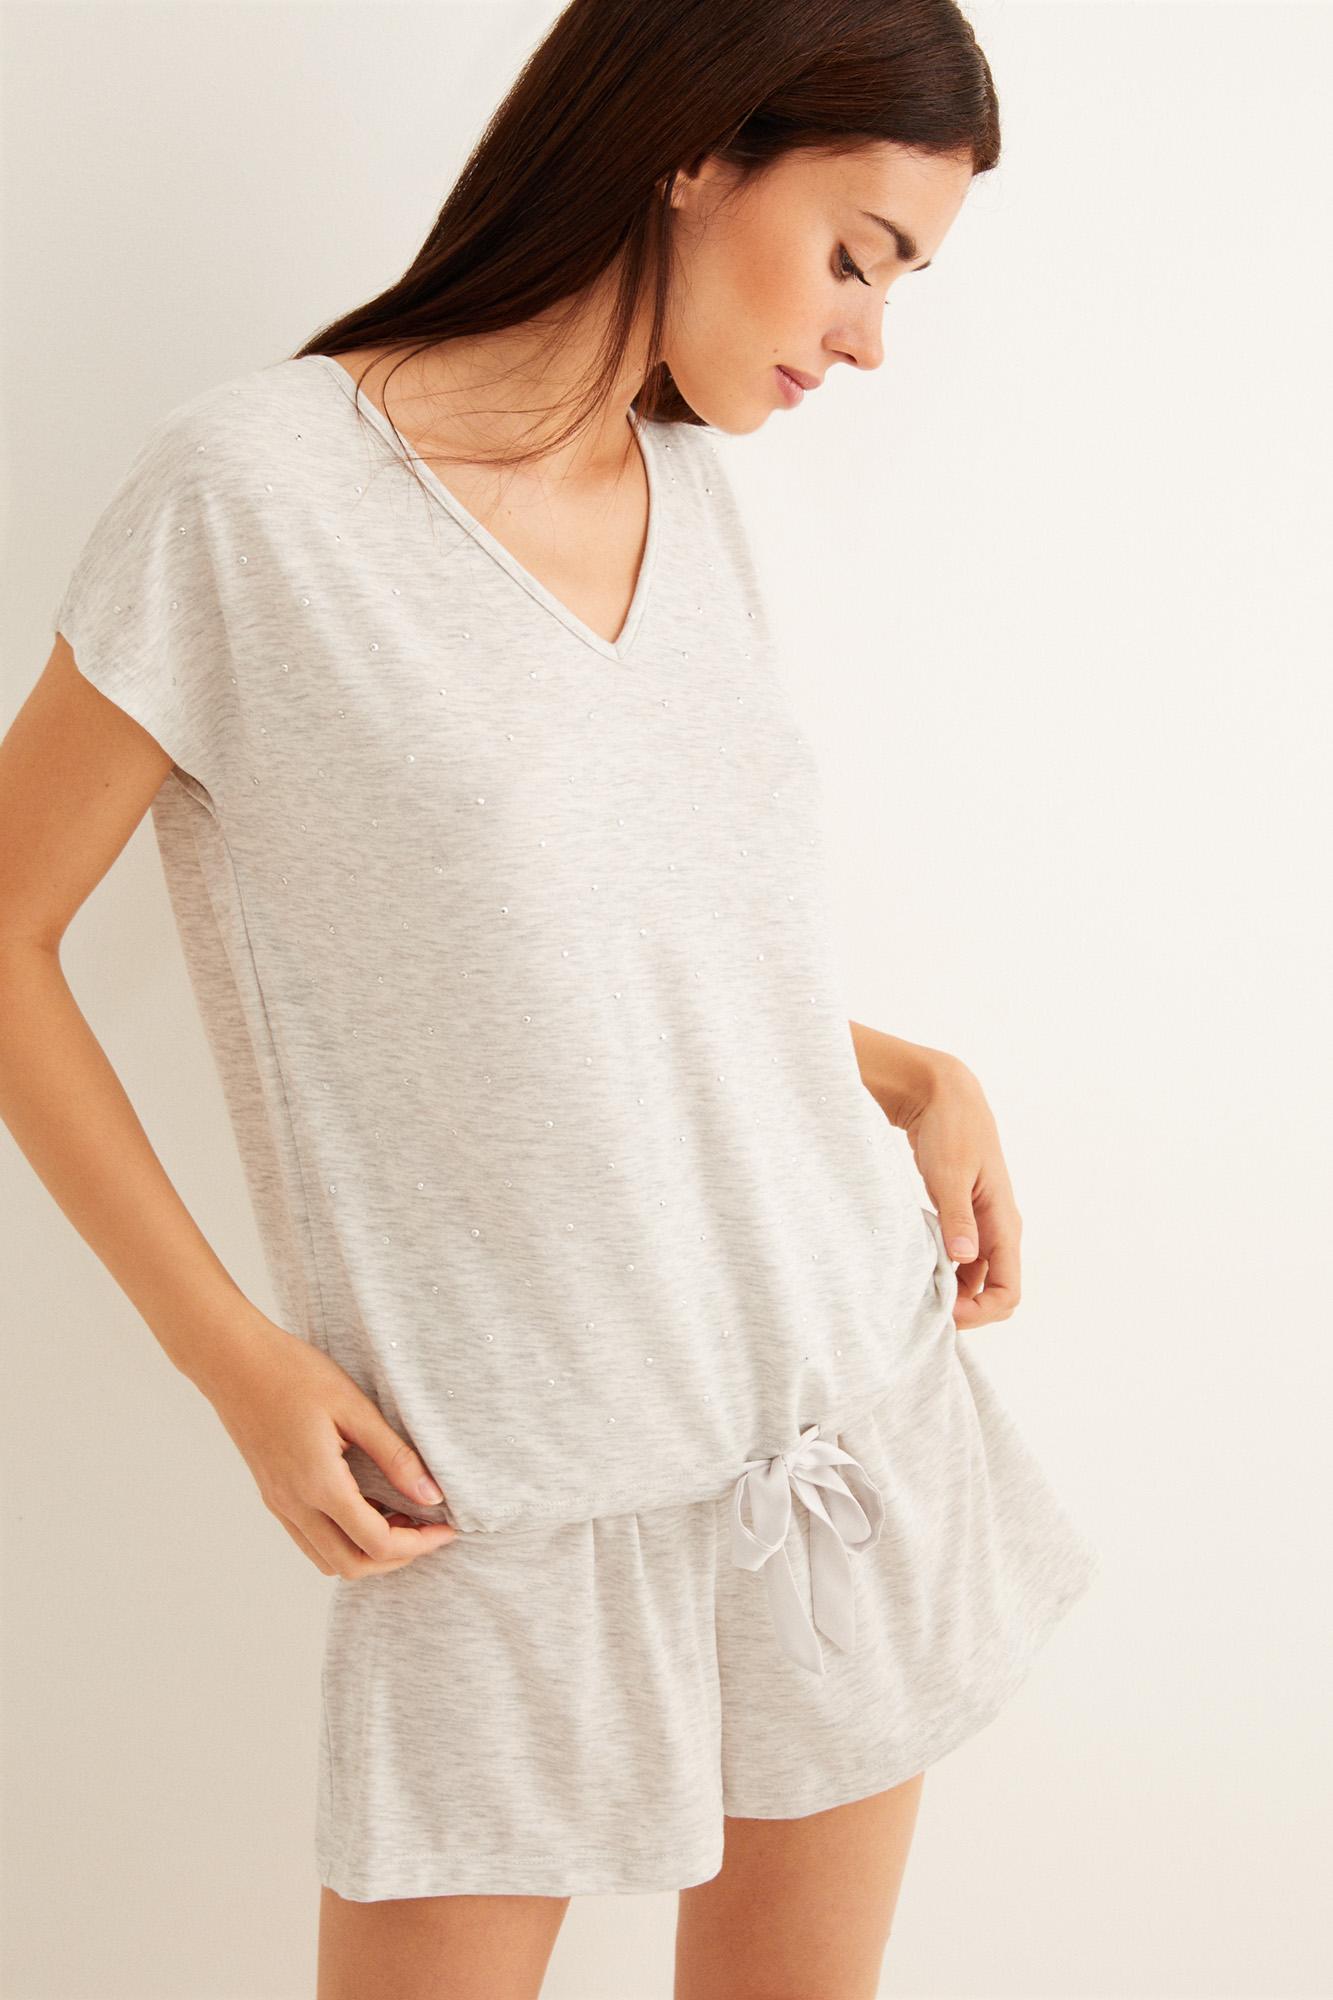 Pijama corto 'strass'   Pijamas cortos   Women'secret